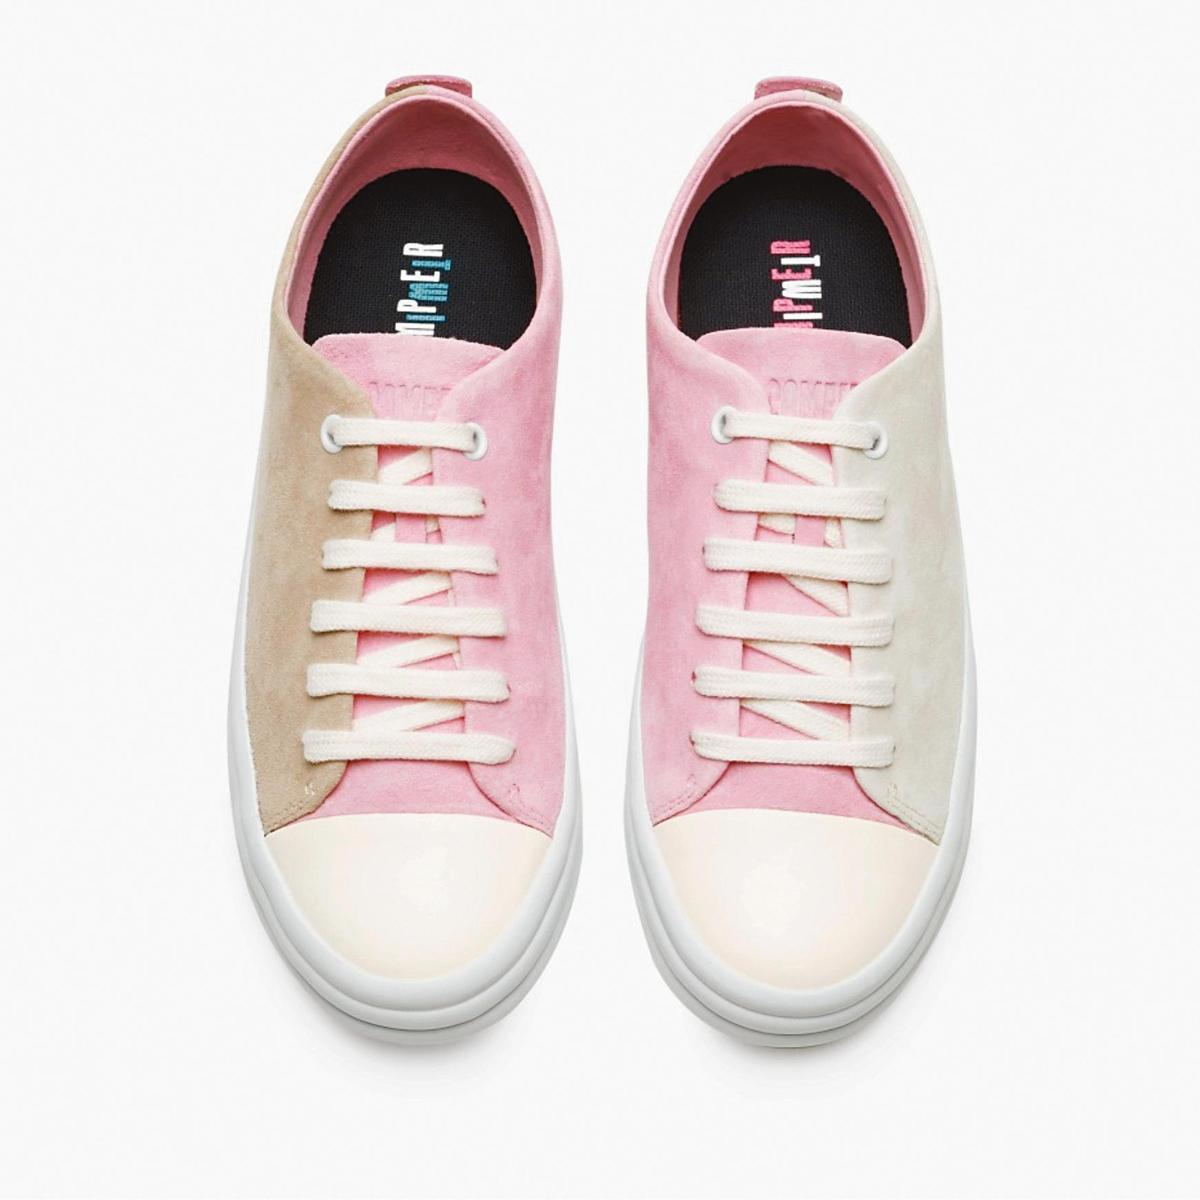 Twins米、粉紅拼色休閒鞋。NT$5,780